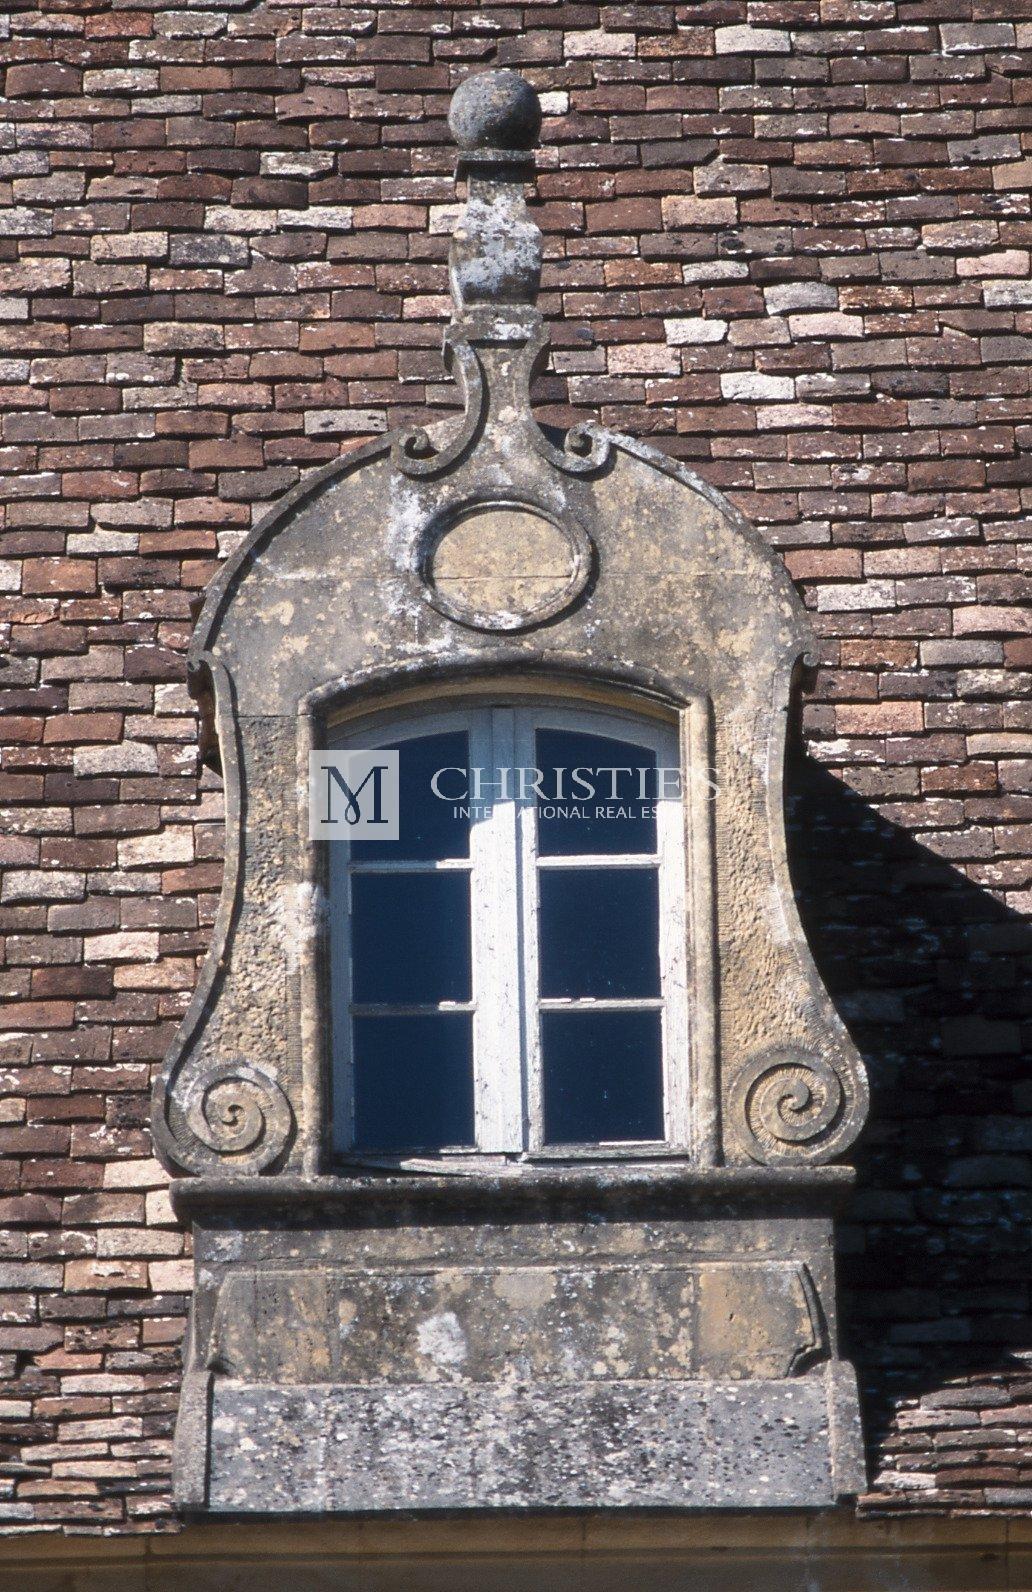 Sculpted dormer window